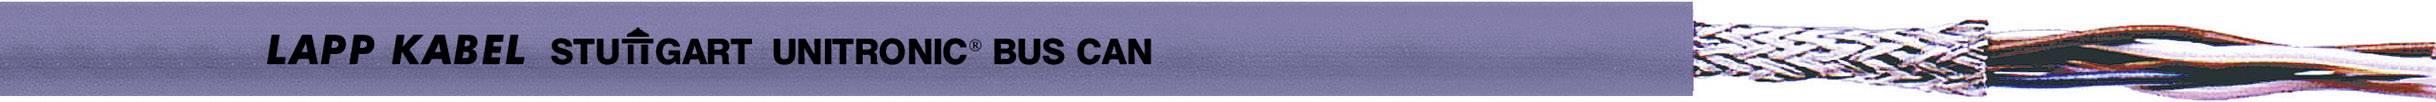 Sběrnicový kabel LappKabel UNITRONIC® BUS 2170260, vnější Ø 5.70 mm, fialová, metrové zboží